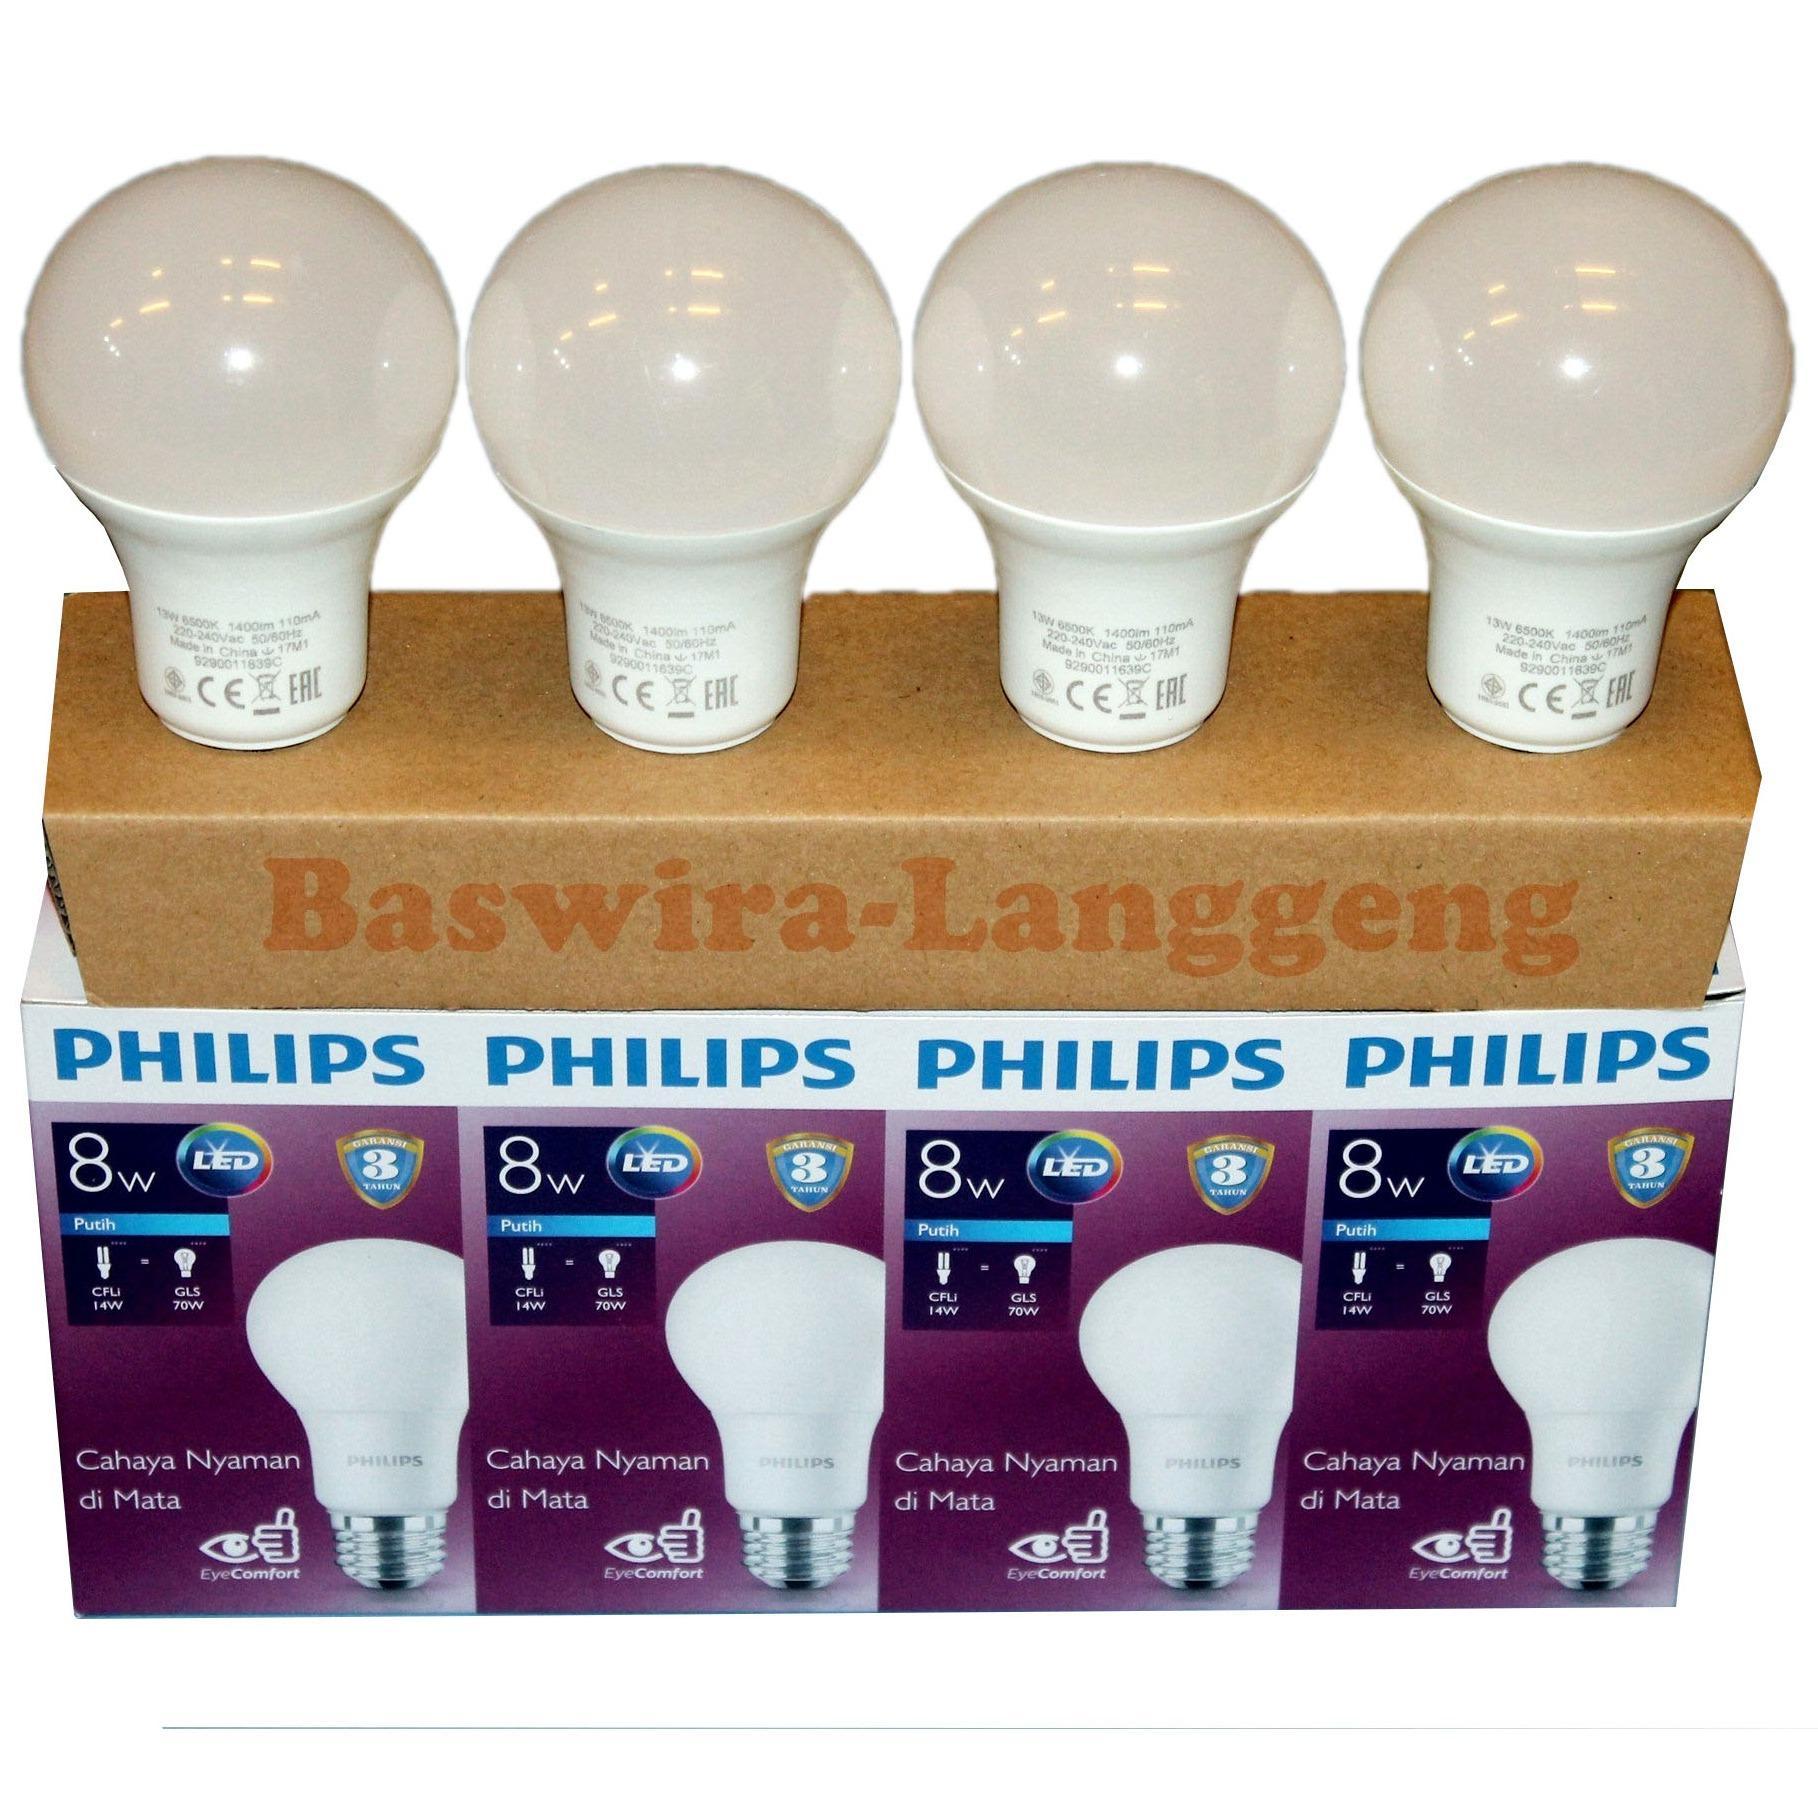 Philips Lampu Led Bulb 105 Watt E27 3000k 230v Kuning 2 Buah Ledbulb 13 100w Bundling 8 Unicef Beli 3 Gratis 1